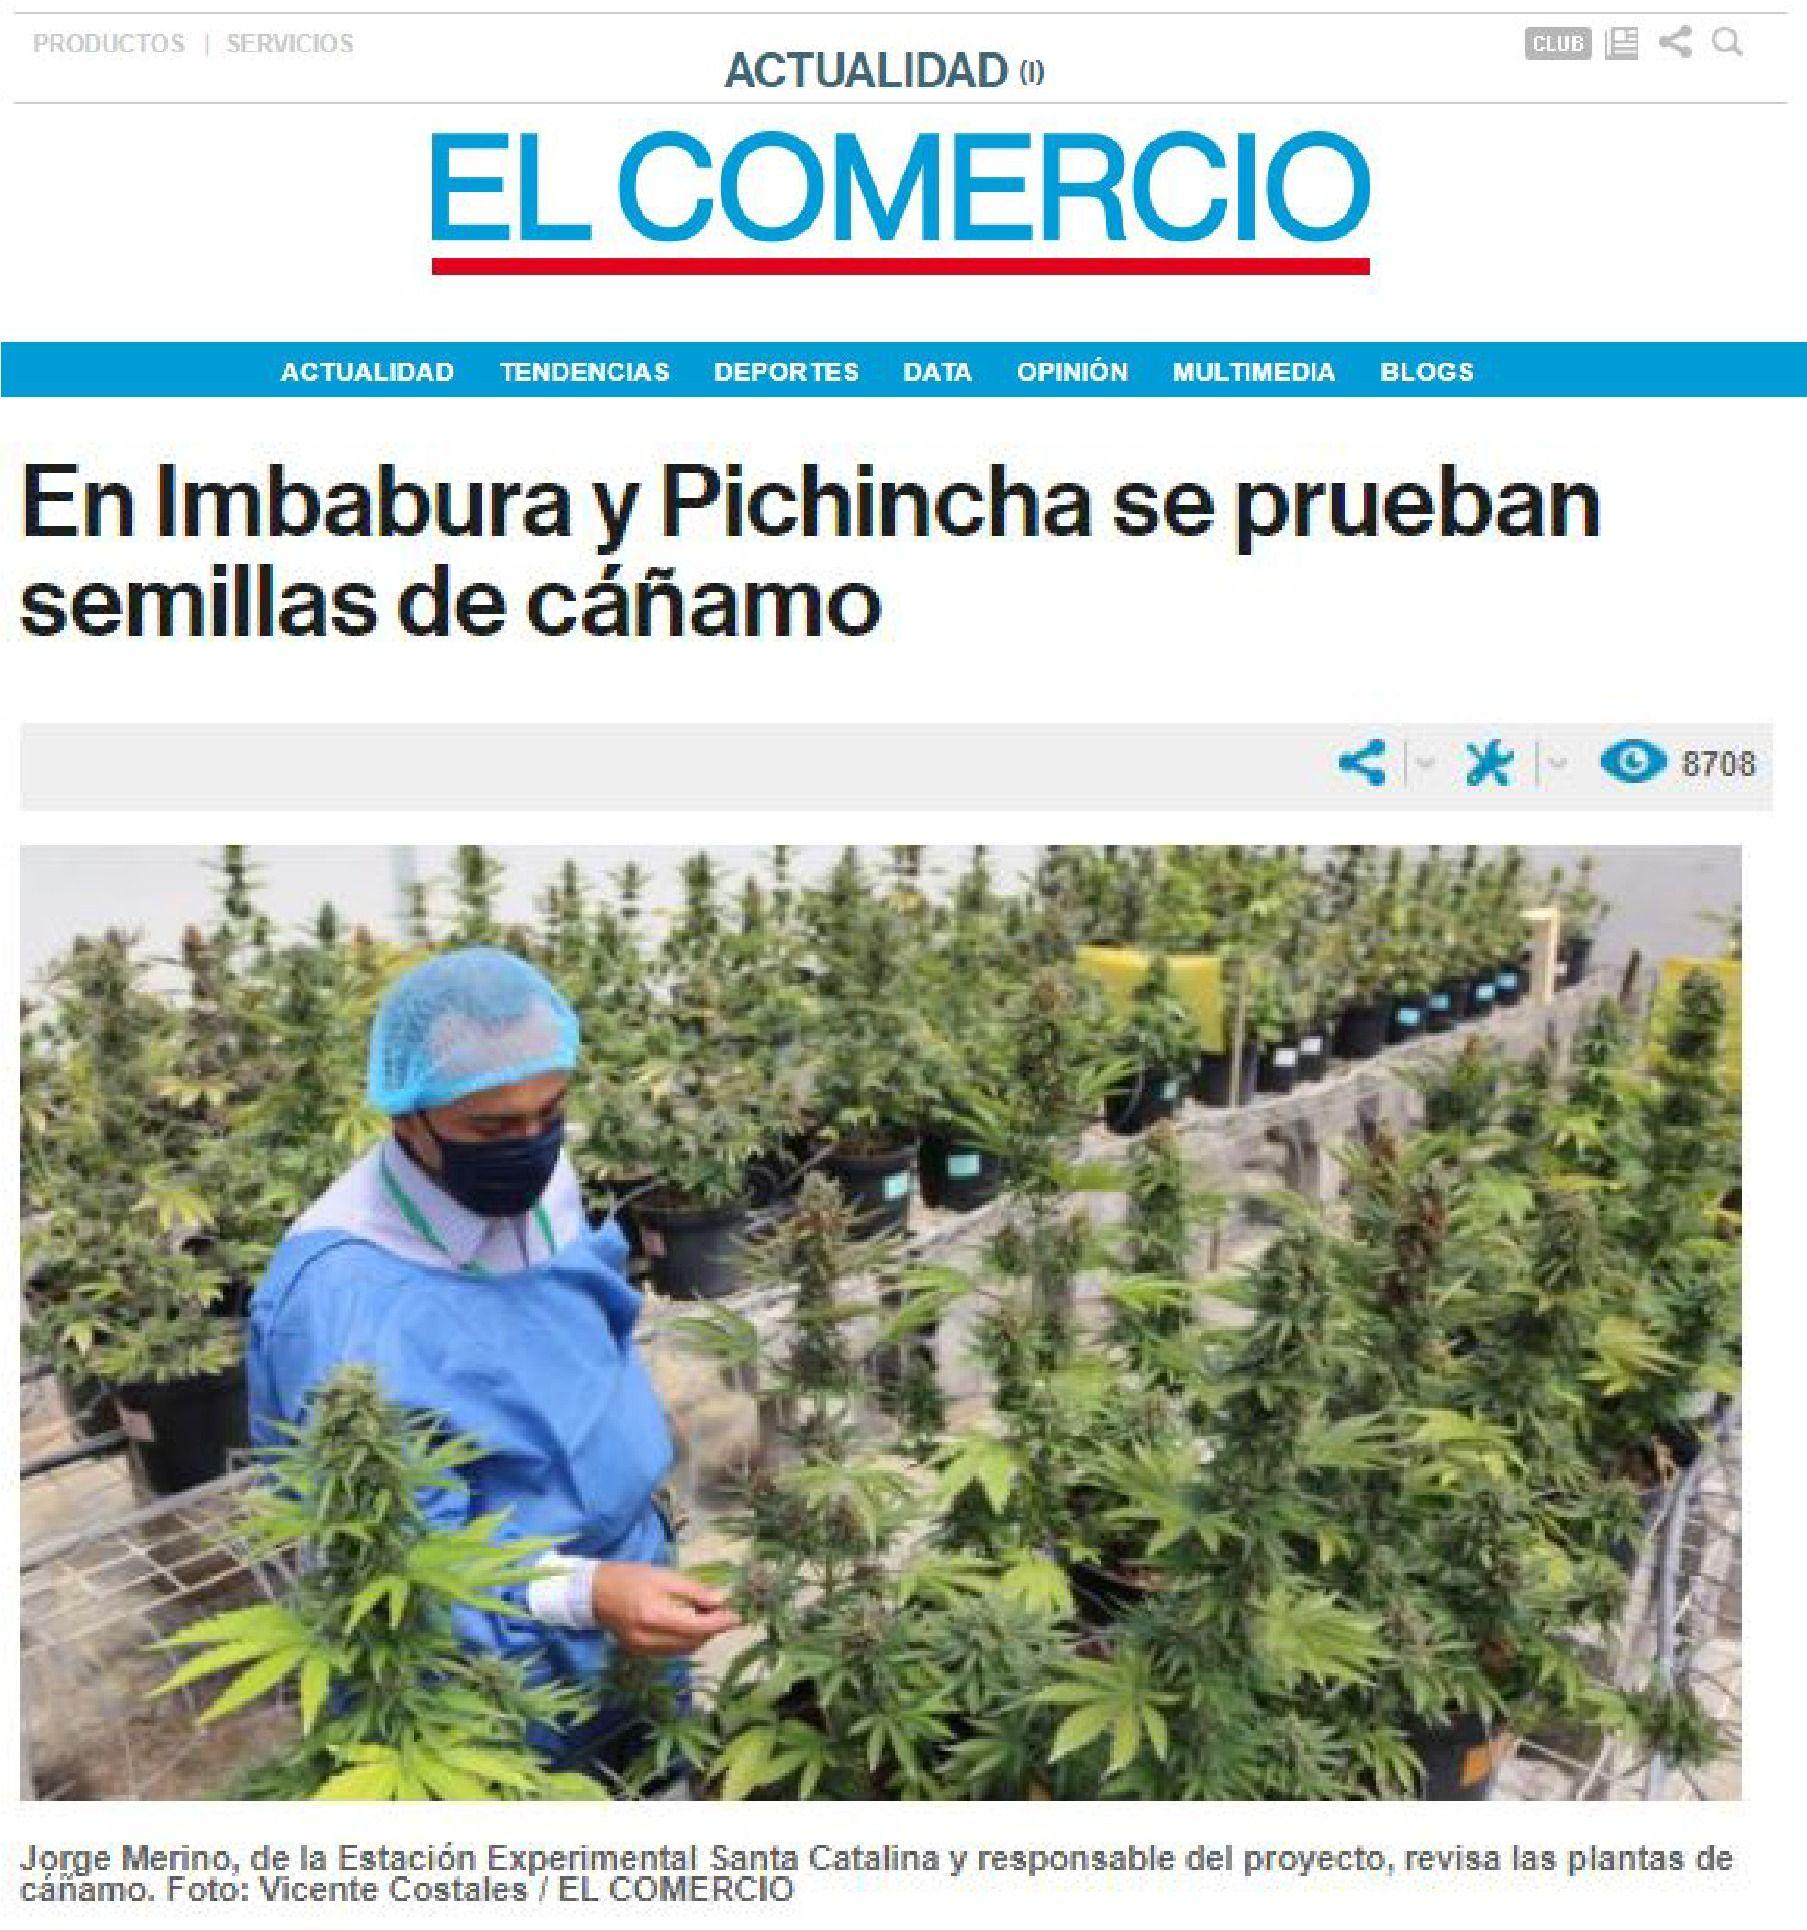 el-comercio-en-imbabura-y-pichincha-se-aprueban-semillas-de-canamo-abogados-ecuador-thc